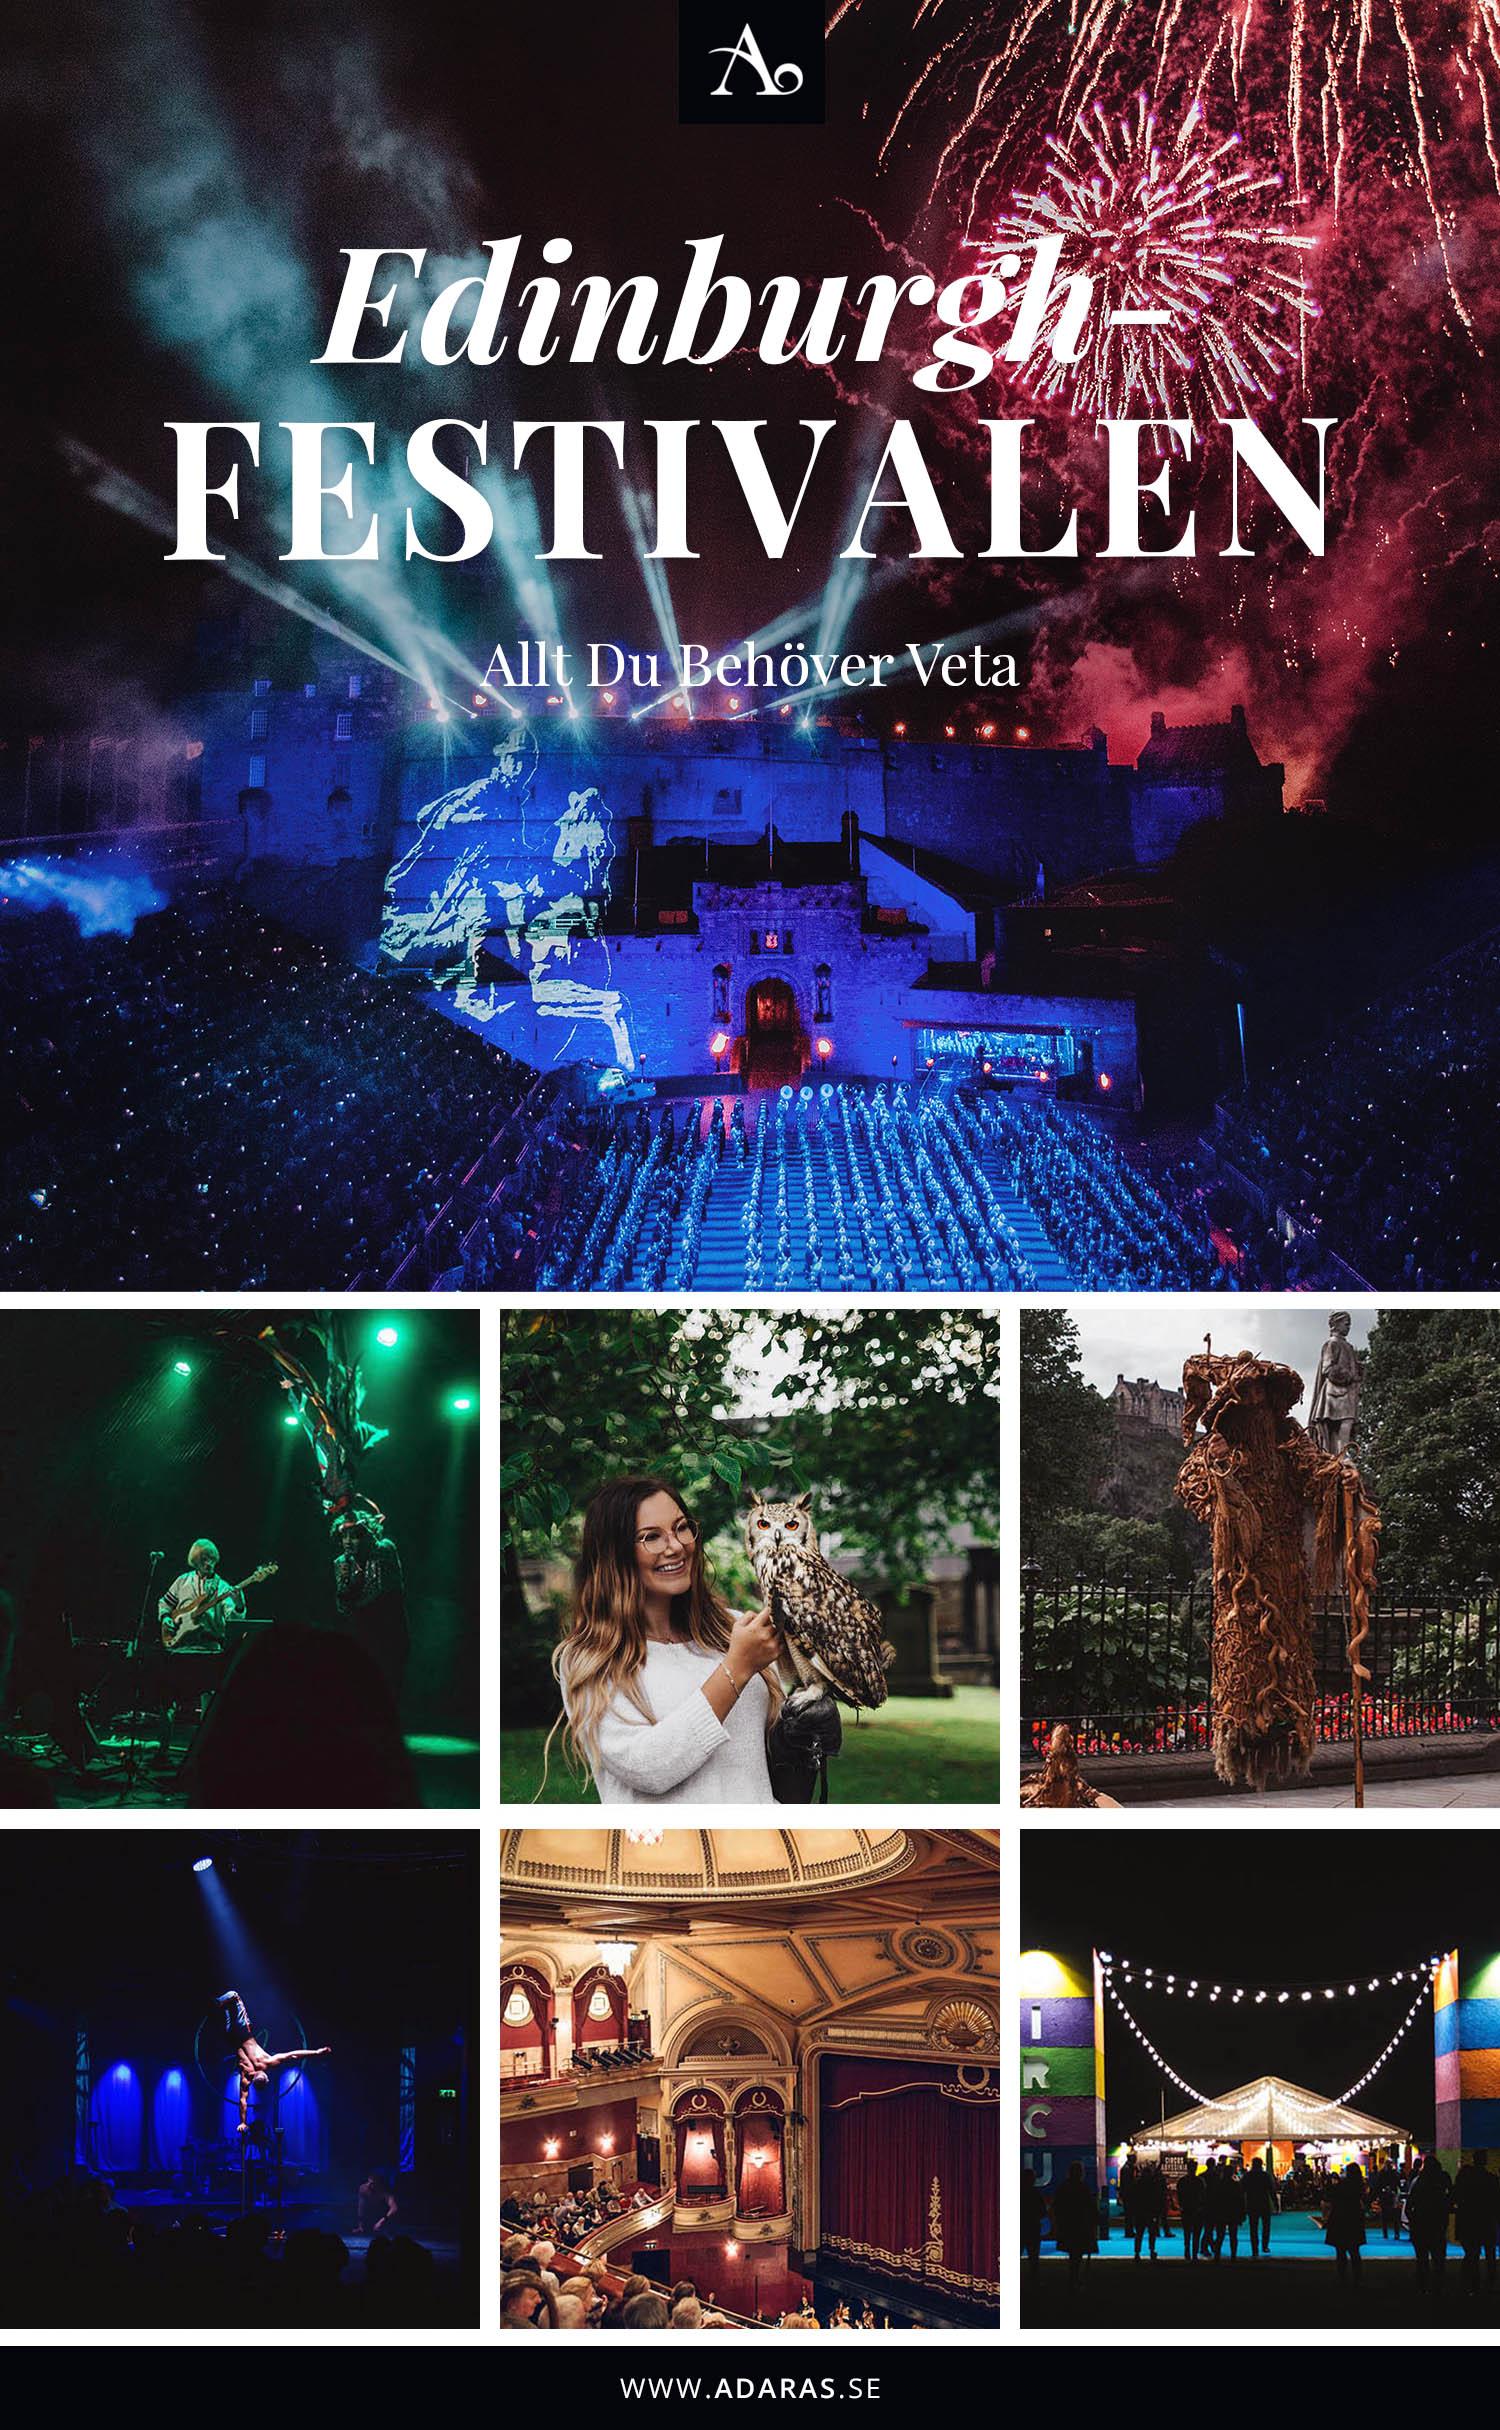 Edinburghfestivalen: Guide till allt du behöver veta